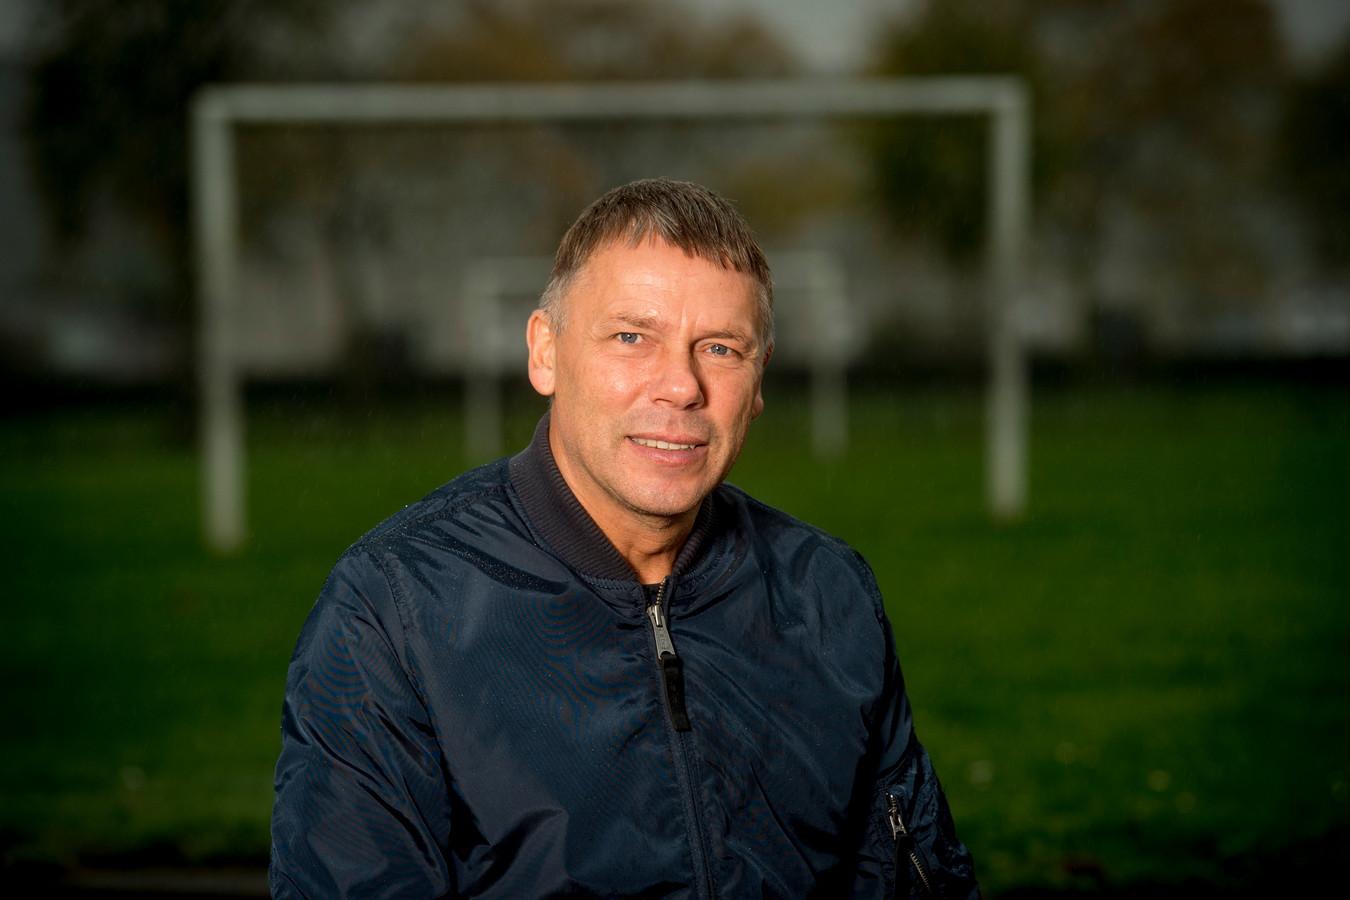 De vader van Steven Berghuis, Frank 'Pico' Berghuis, speelde in de jaren tachtig ook voor PSV.